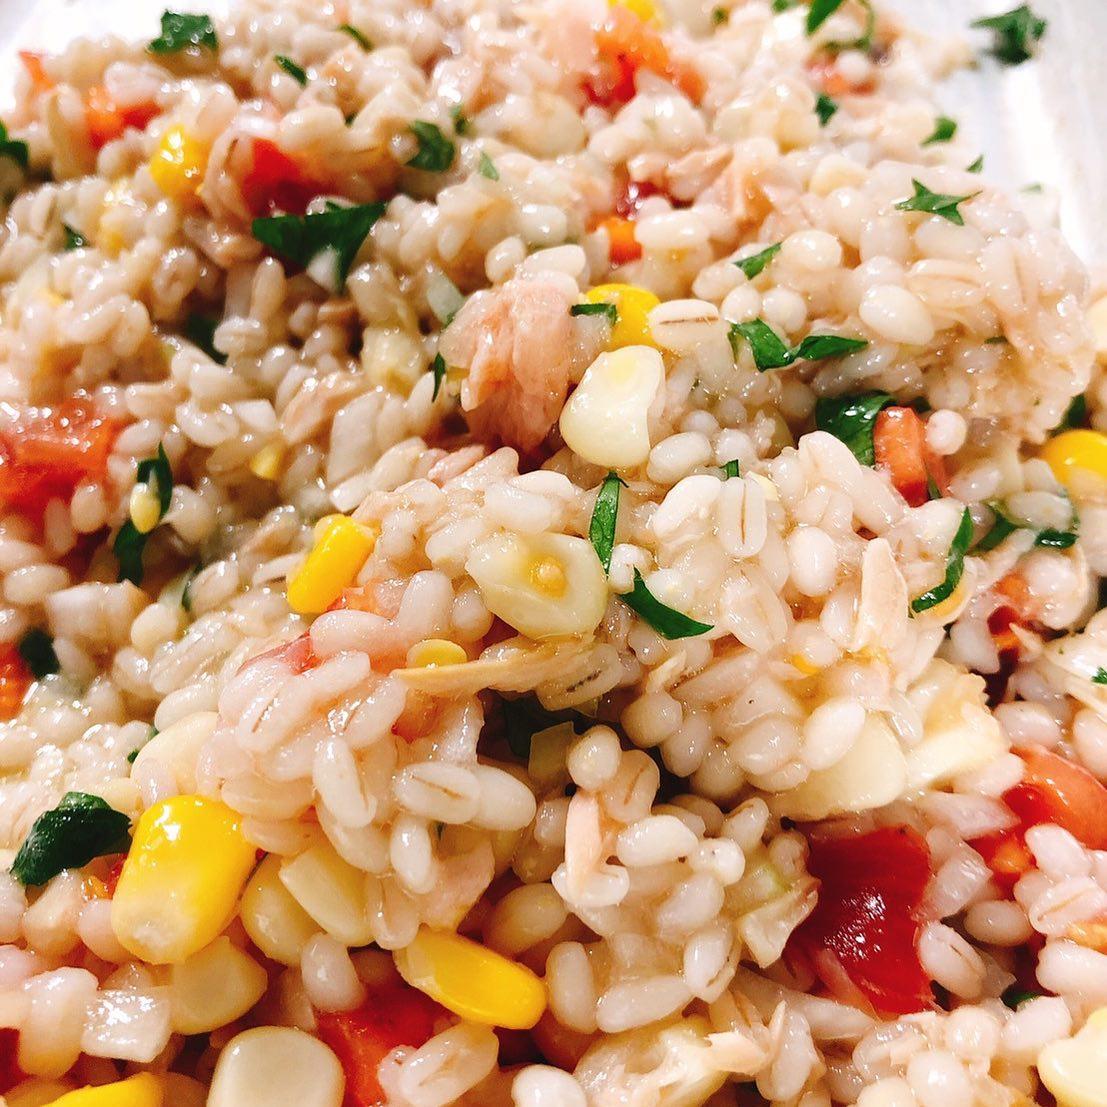 大麦・ツナ・とうもろこしのサラダ  ぷりぷりの大麦とツナの旨味、とうもろこしの優しい甘さ、トマトとヴィネガーの酸味をイタリア産のとっても美味しいオリーブオイルがしっかりとまとめています 小皿や前菜の盛り合わせに入ってまーす 明日もよろしくお願いいたします🏻